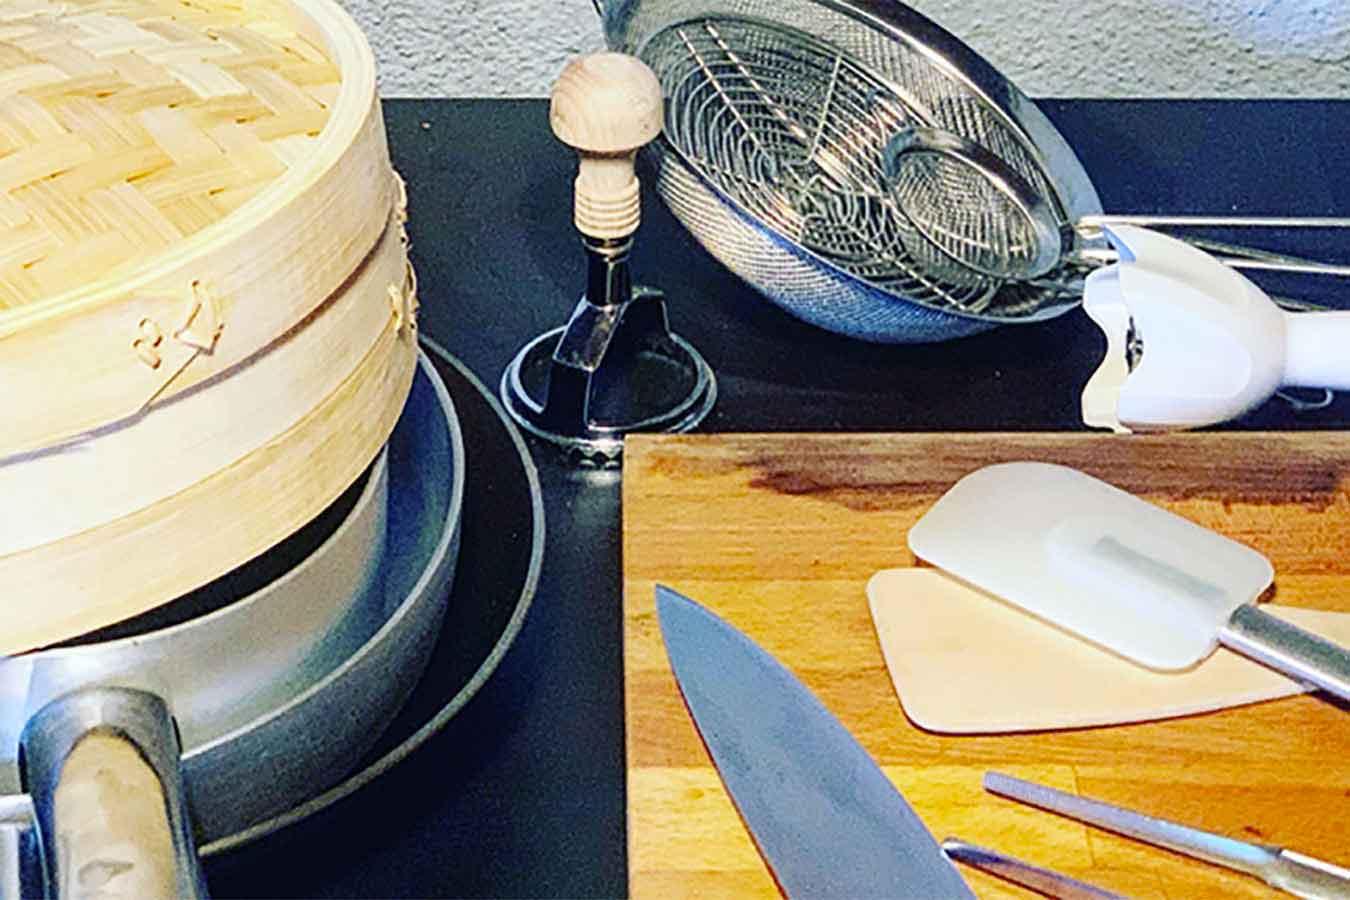 10 utensili da cucina indispensabili per preparazioni rock